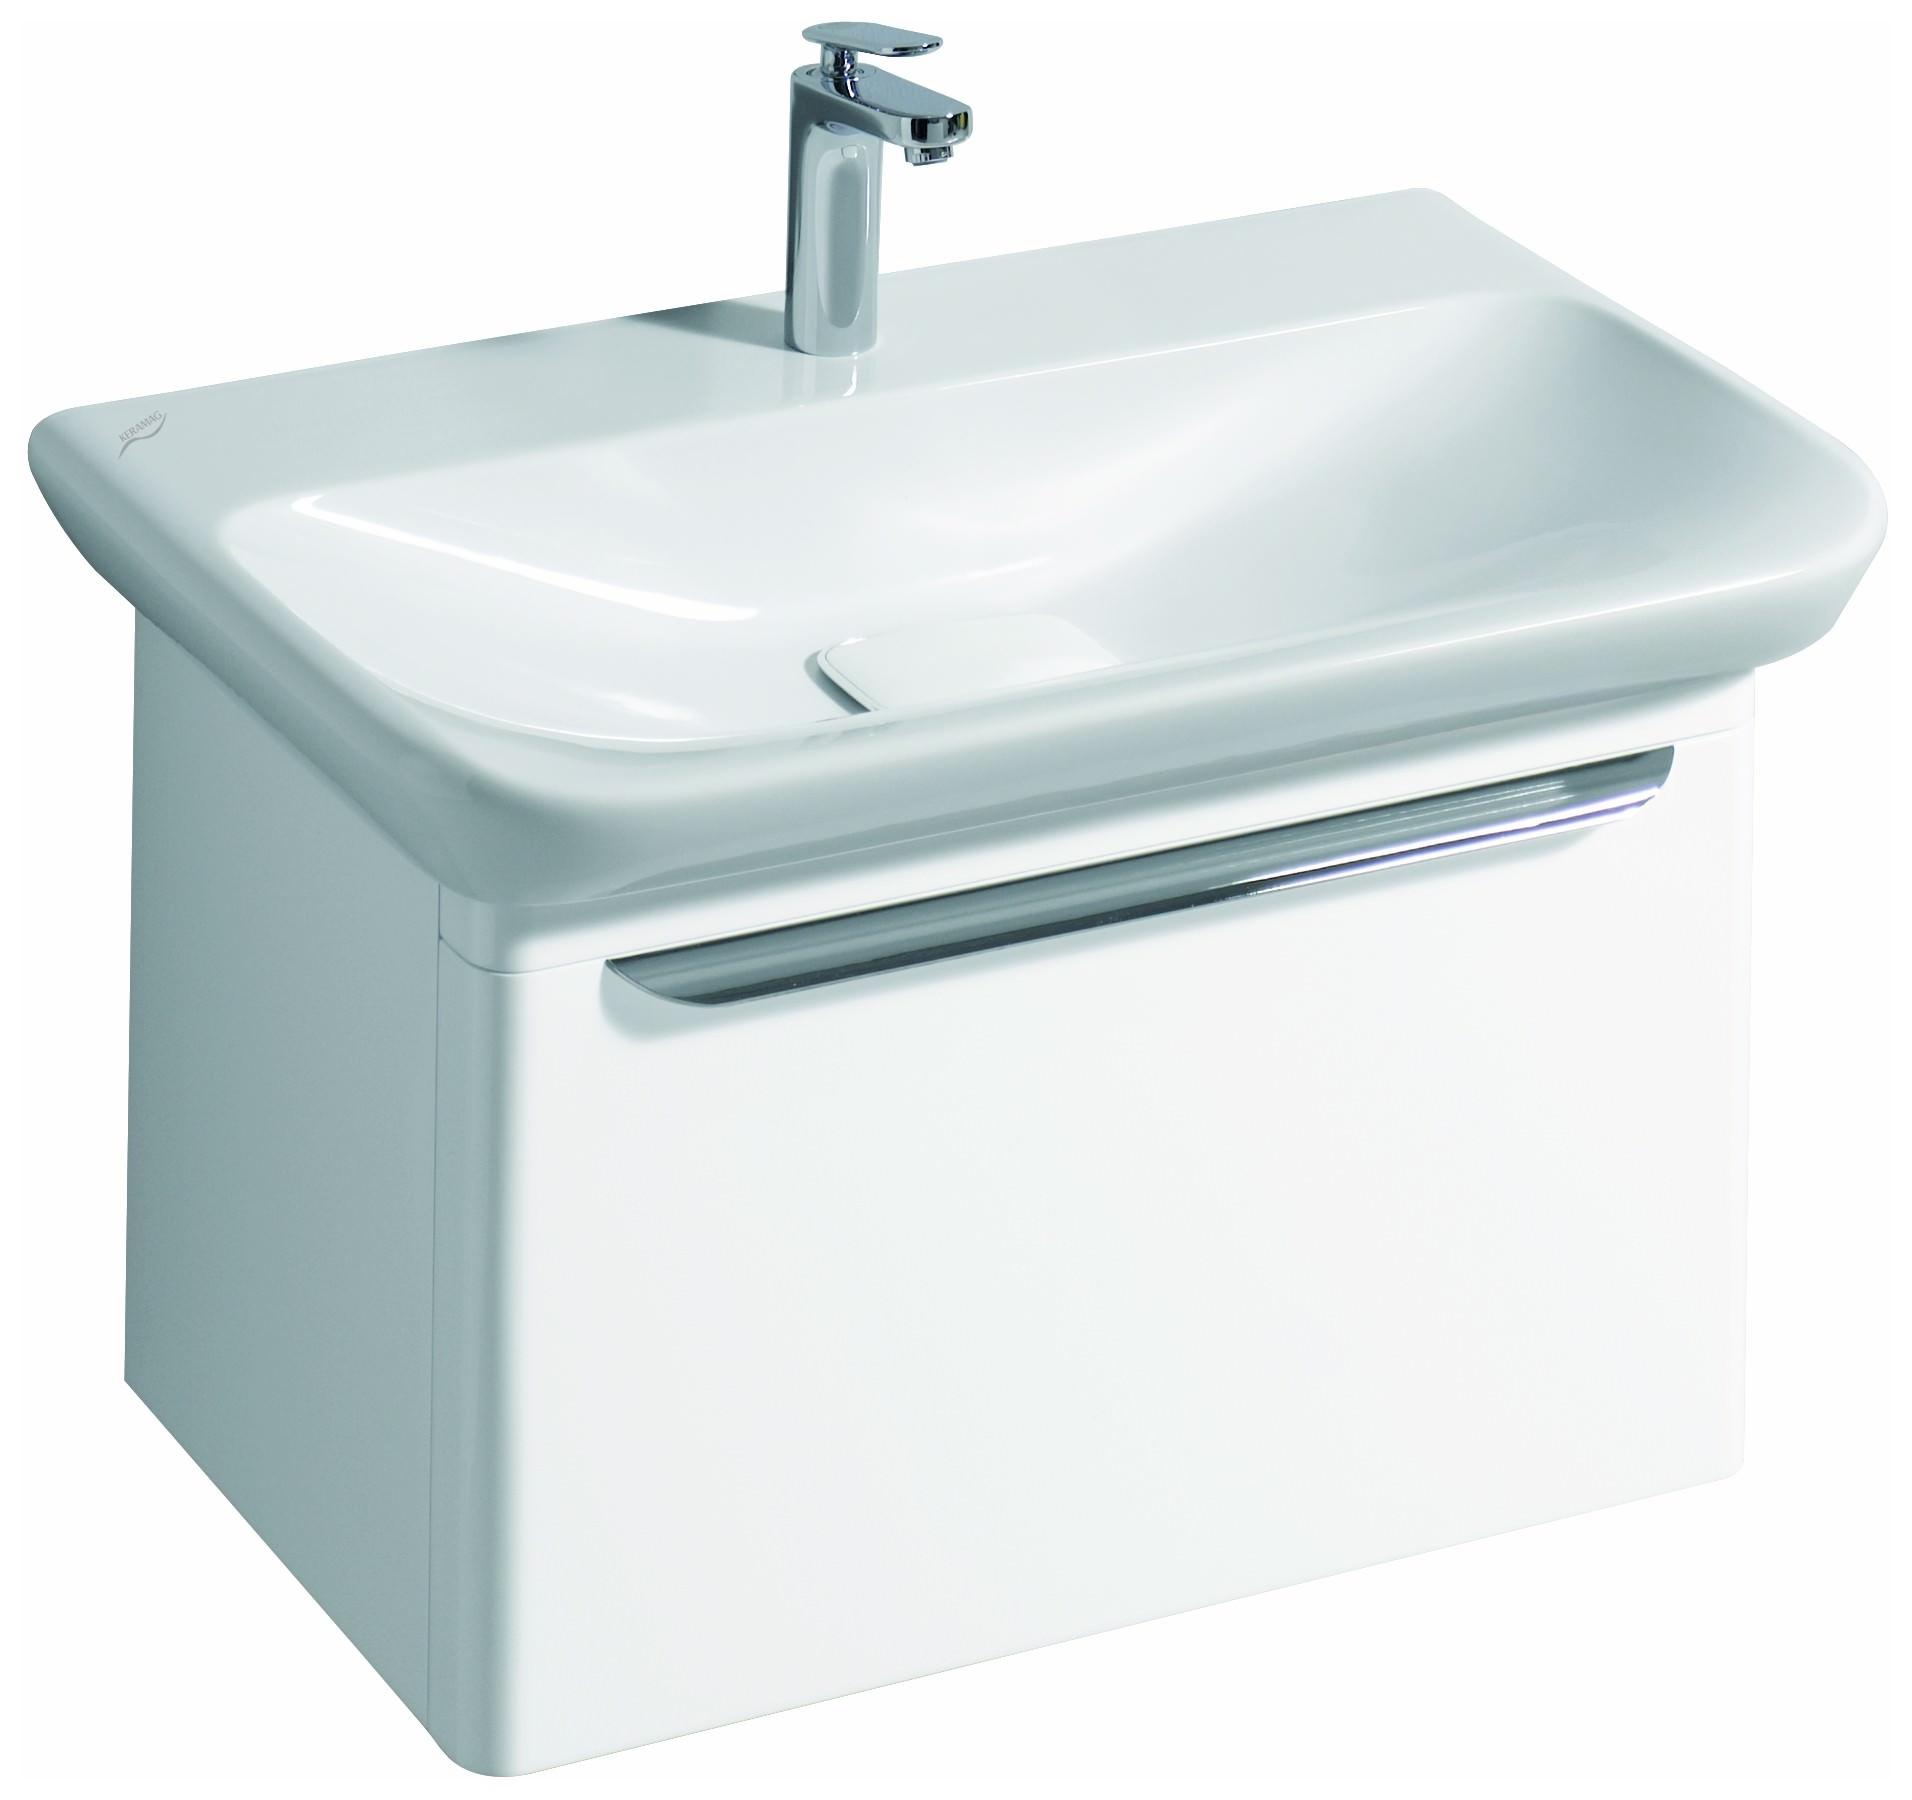 keramag myday waschtisch ohne berlauf 800mm x 135x480mm wei alpin keratect waschtische. Black Bedroom Furniture Sets. Home Design Ideas